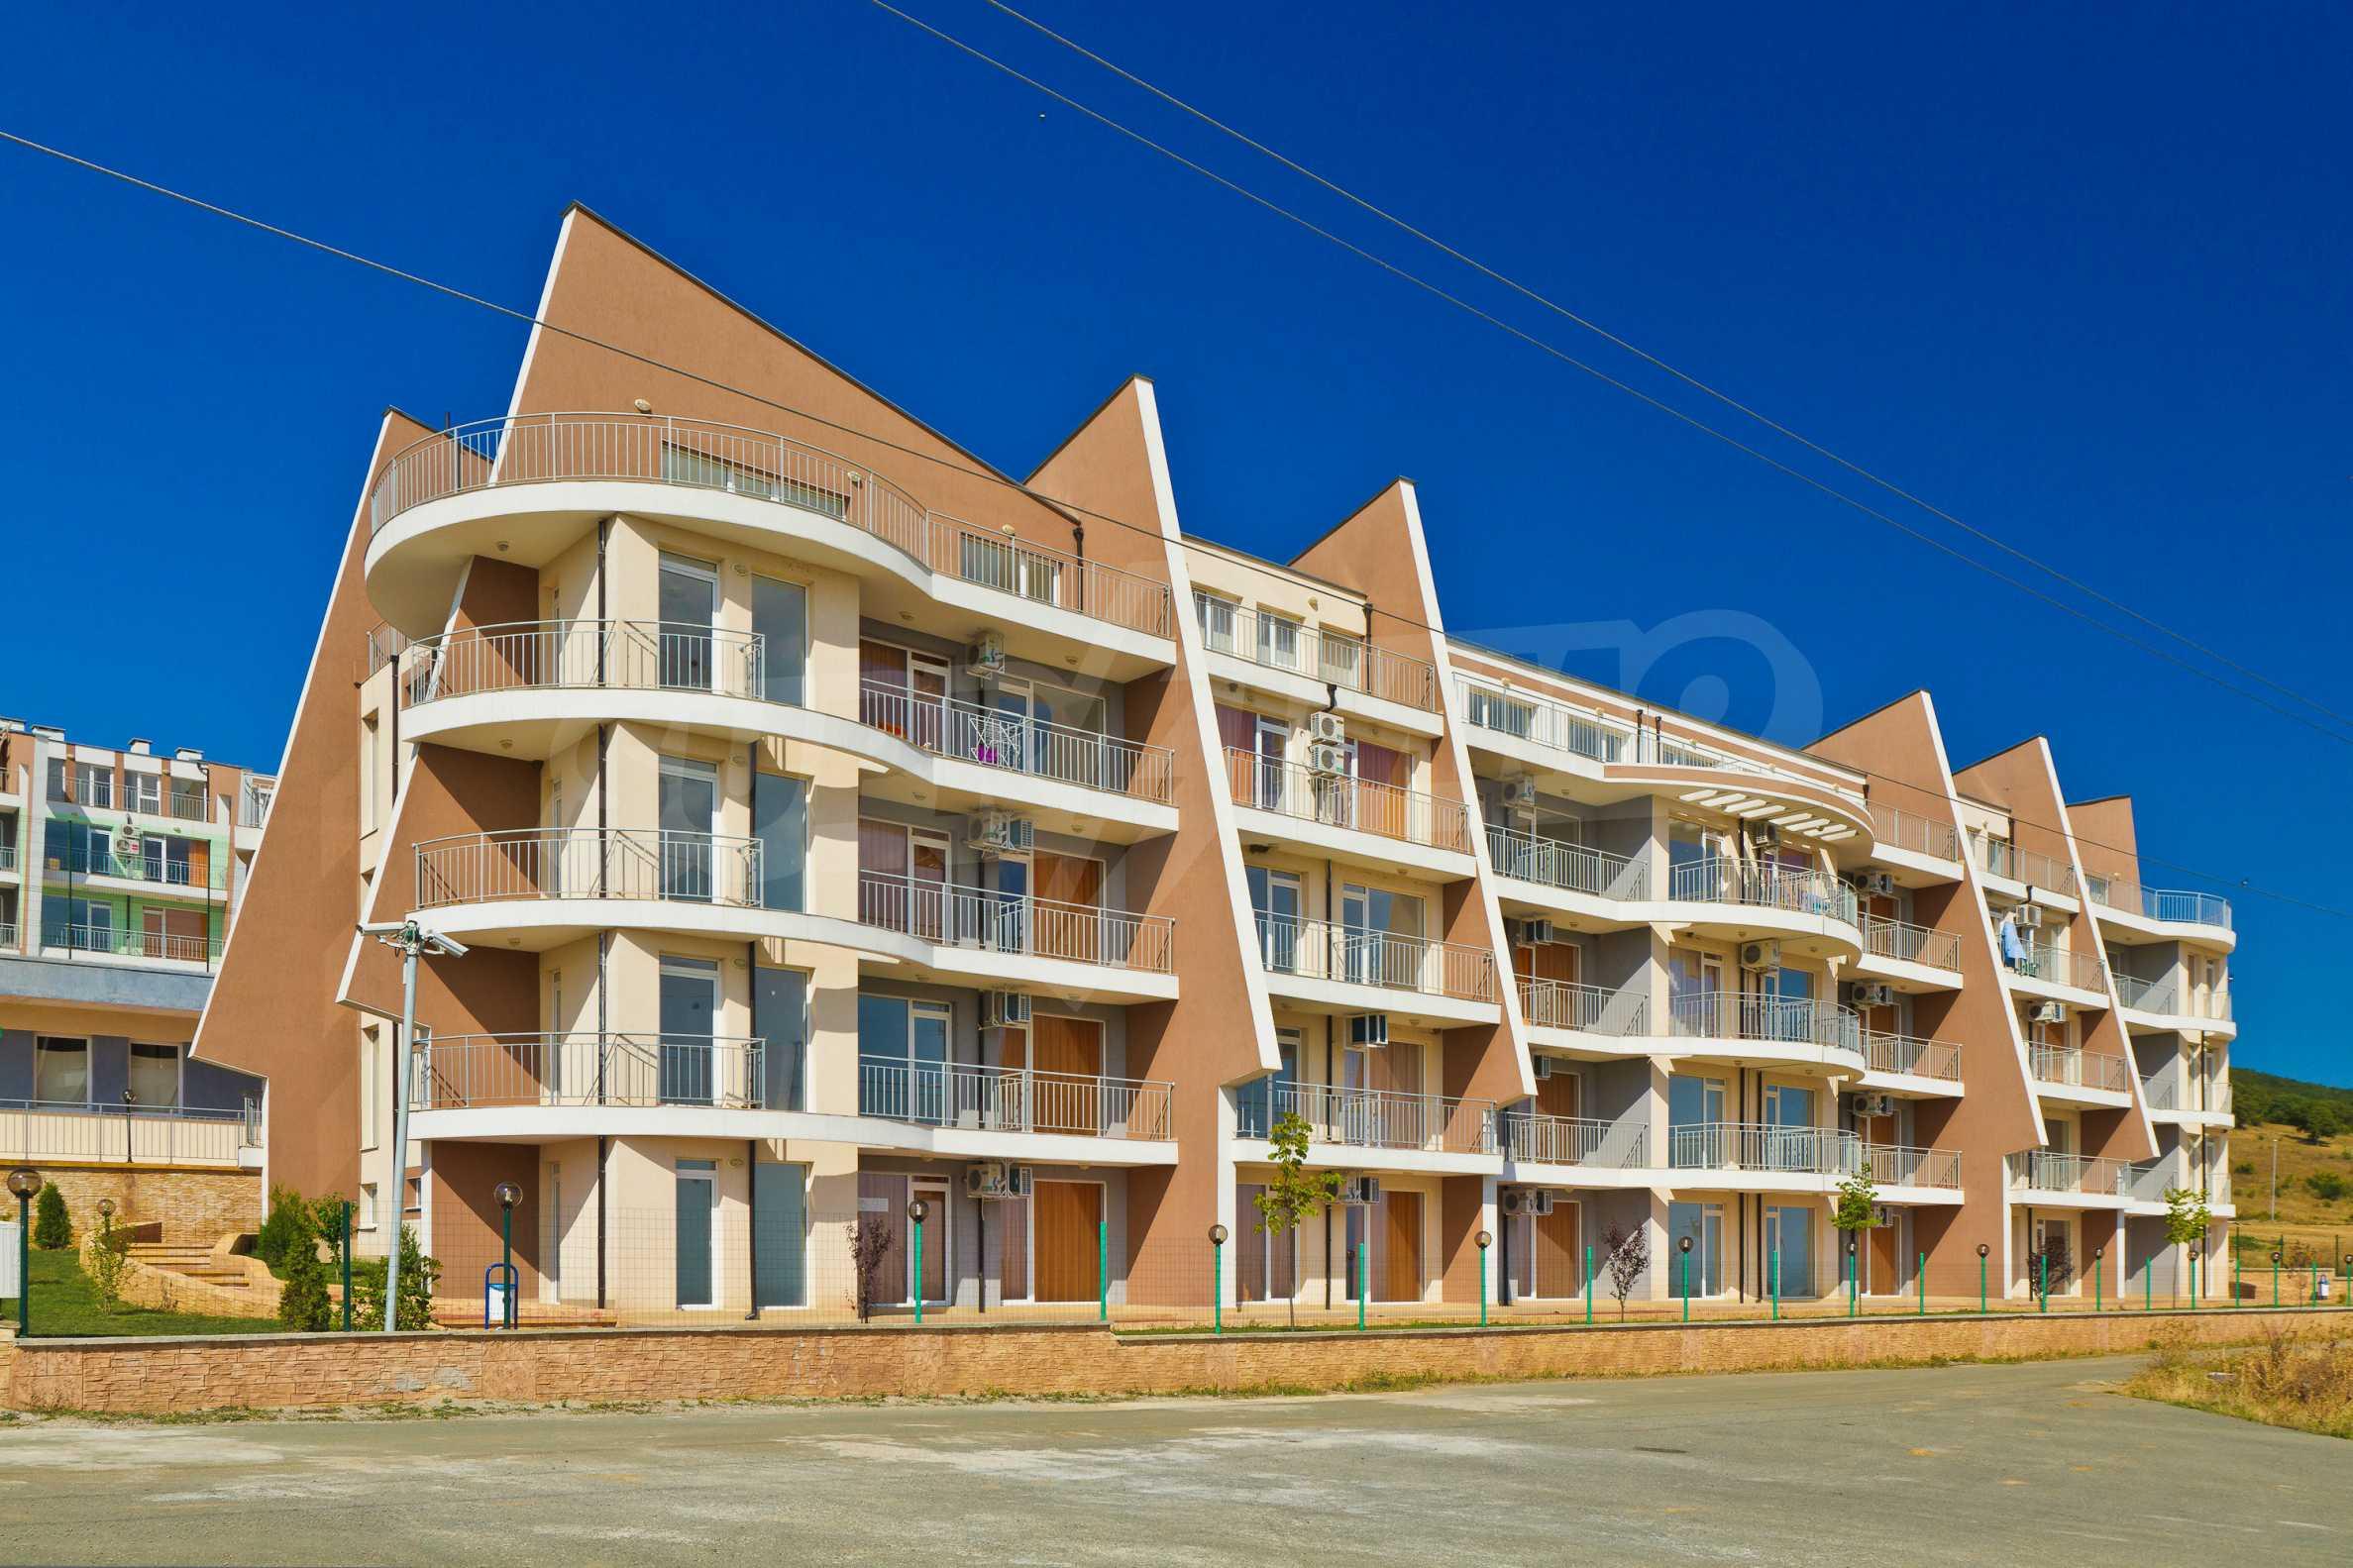 Sunset Kosharitsa - Apartments in einem attraktiven Berg- und Seekomplex, 5 Autominuten vom Sonnenstrand entfernt 32